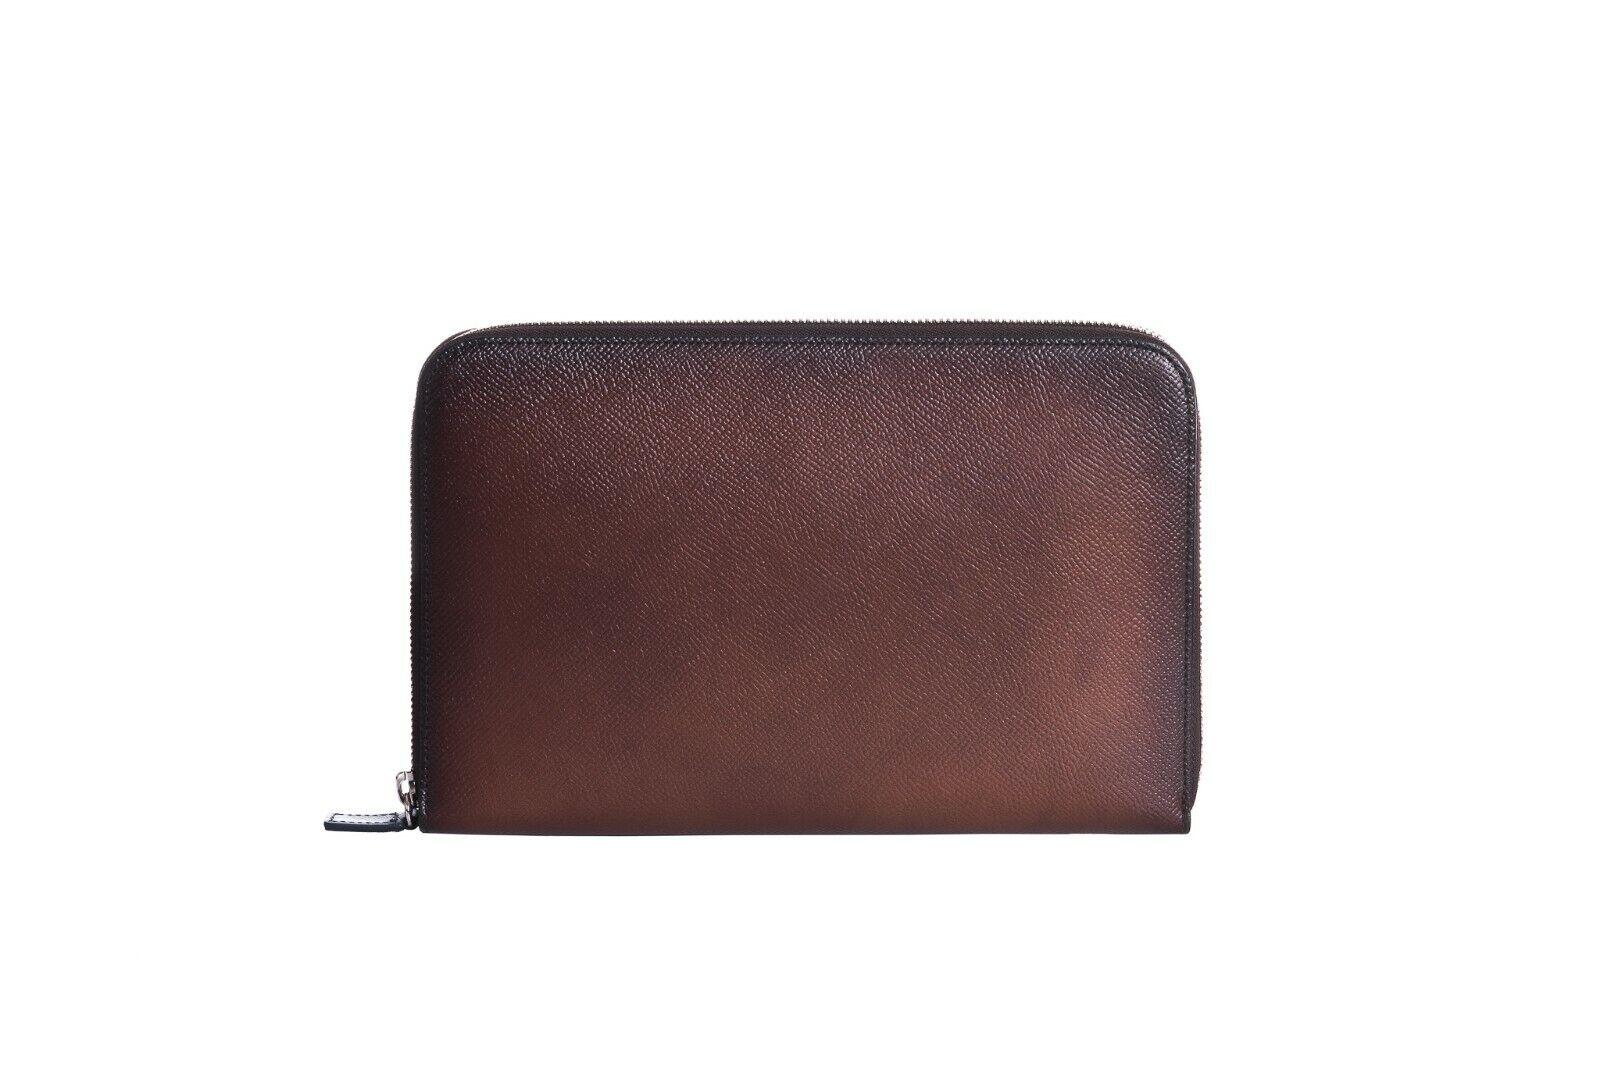 ARALDI MILANO 1930 Brown Tamponato Leder Clutch Tasche Reise Etui Handtasche